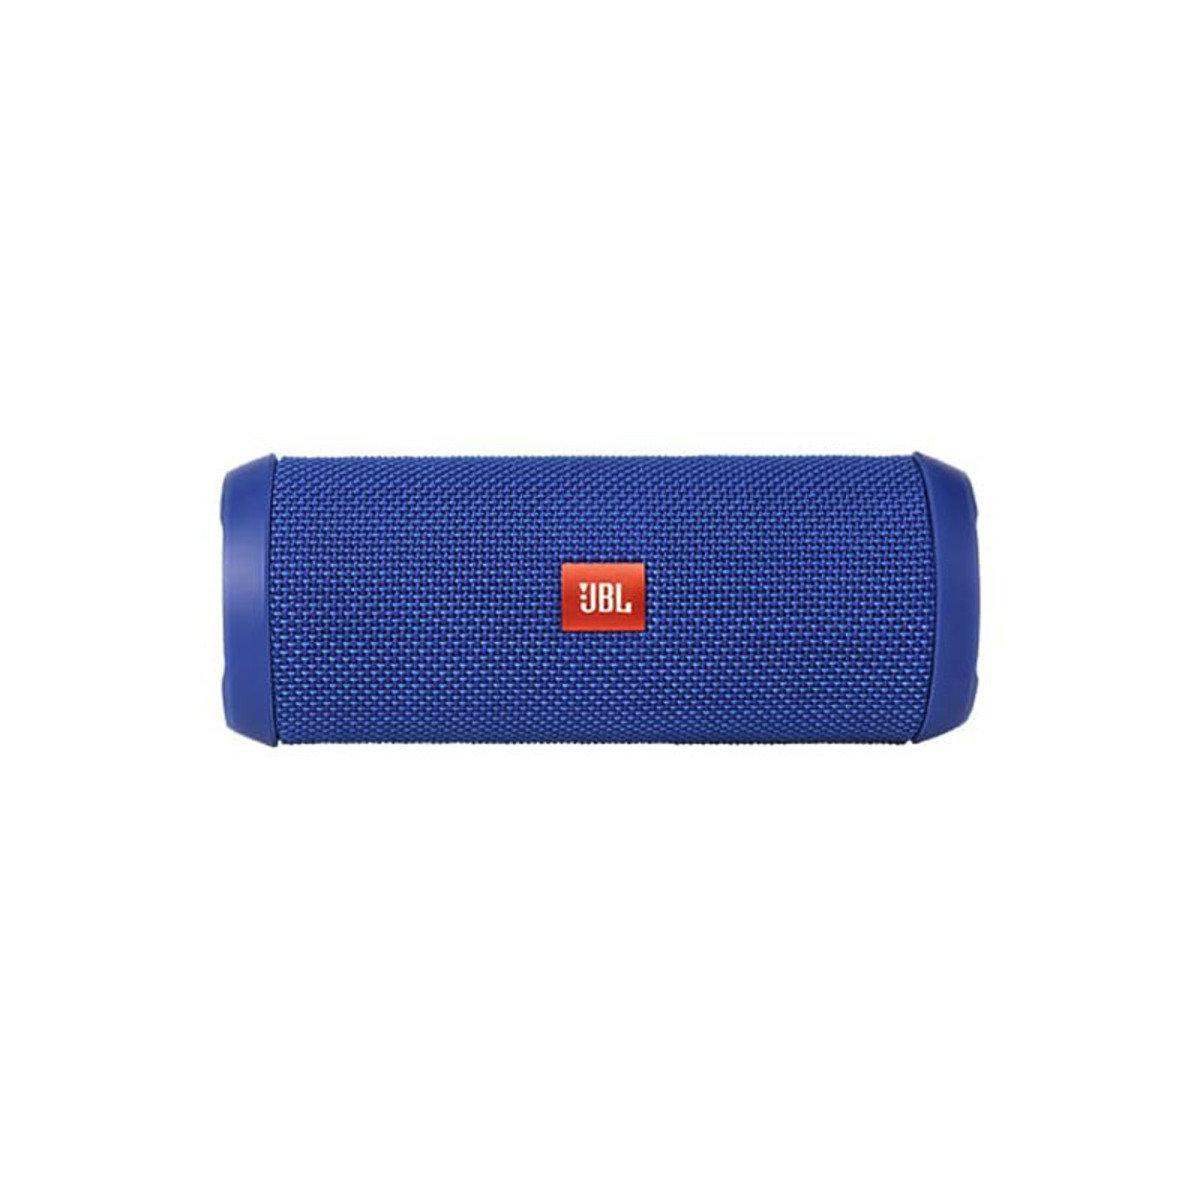 防水滴無線藍芽充電喇叭 [進口貨] Flip 3 藍色